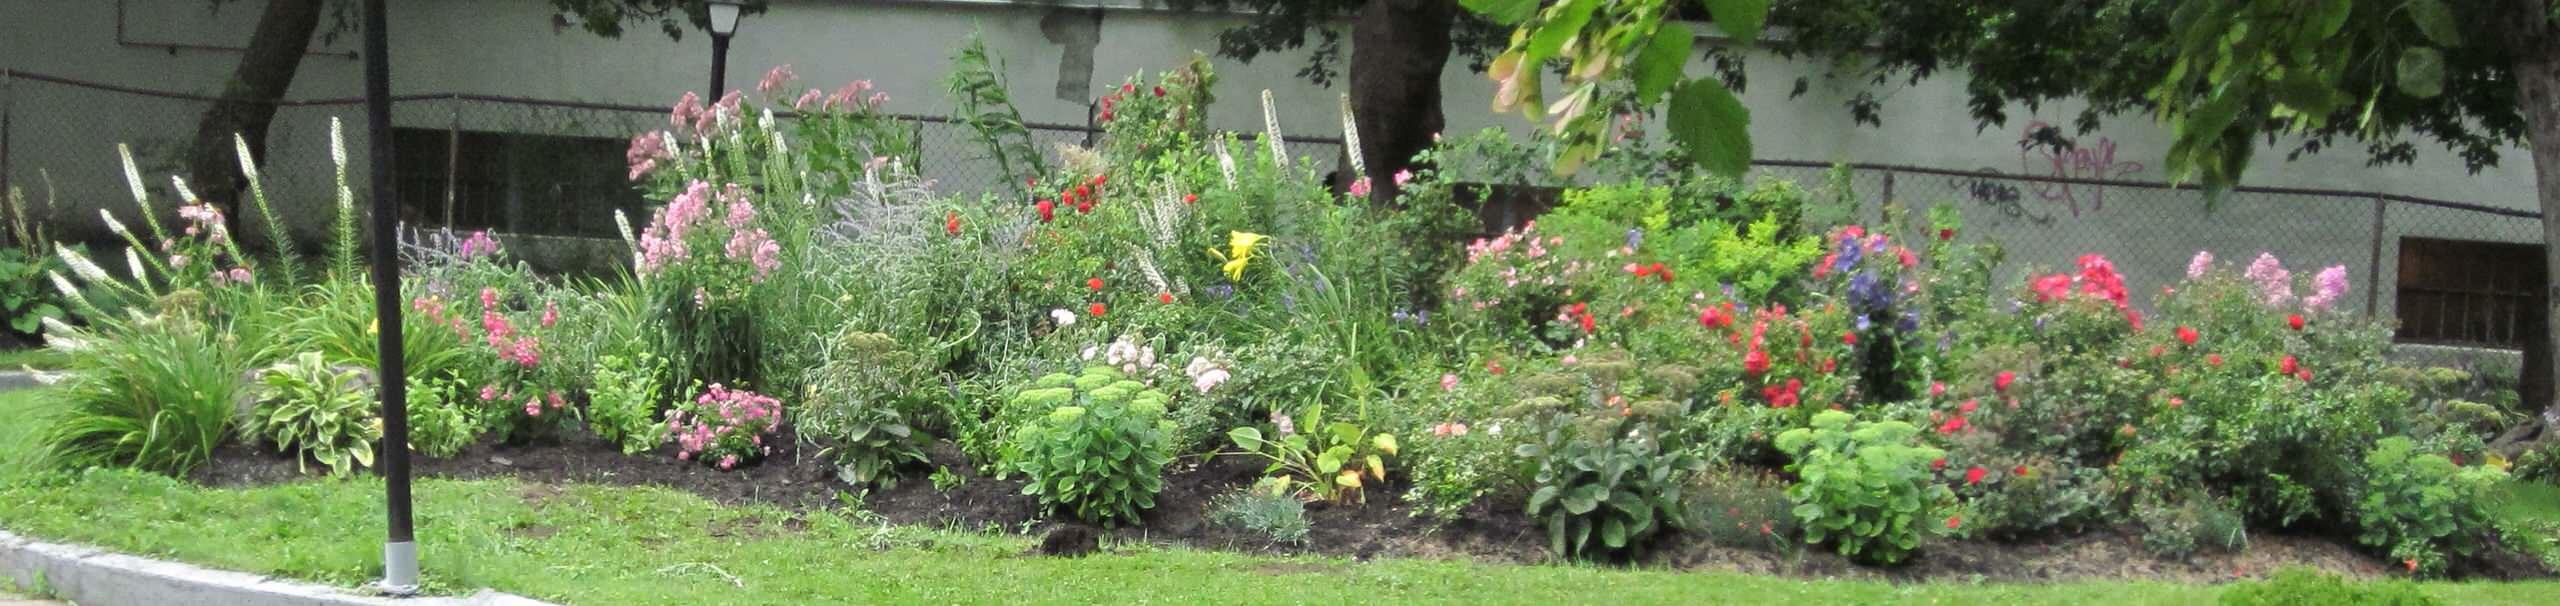 Private Park Garden